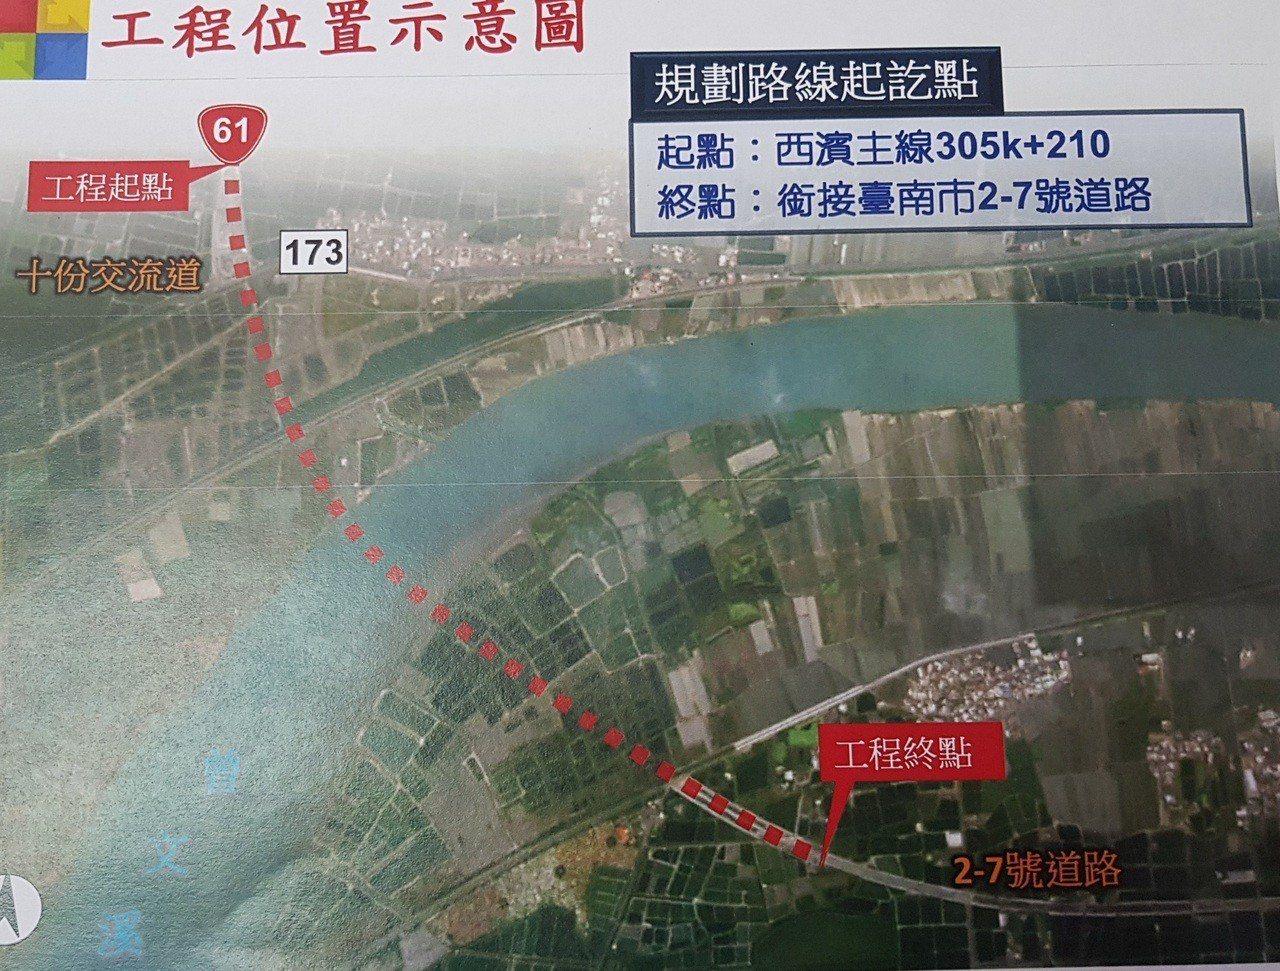 公路總局今天在鹿耳門聖母廟舉辦曾文溪橋綜合規畫說明會,橋將連結西濱快速公路與台江...